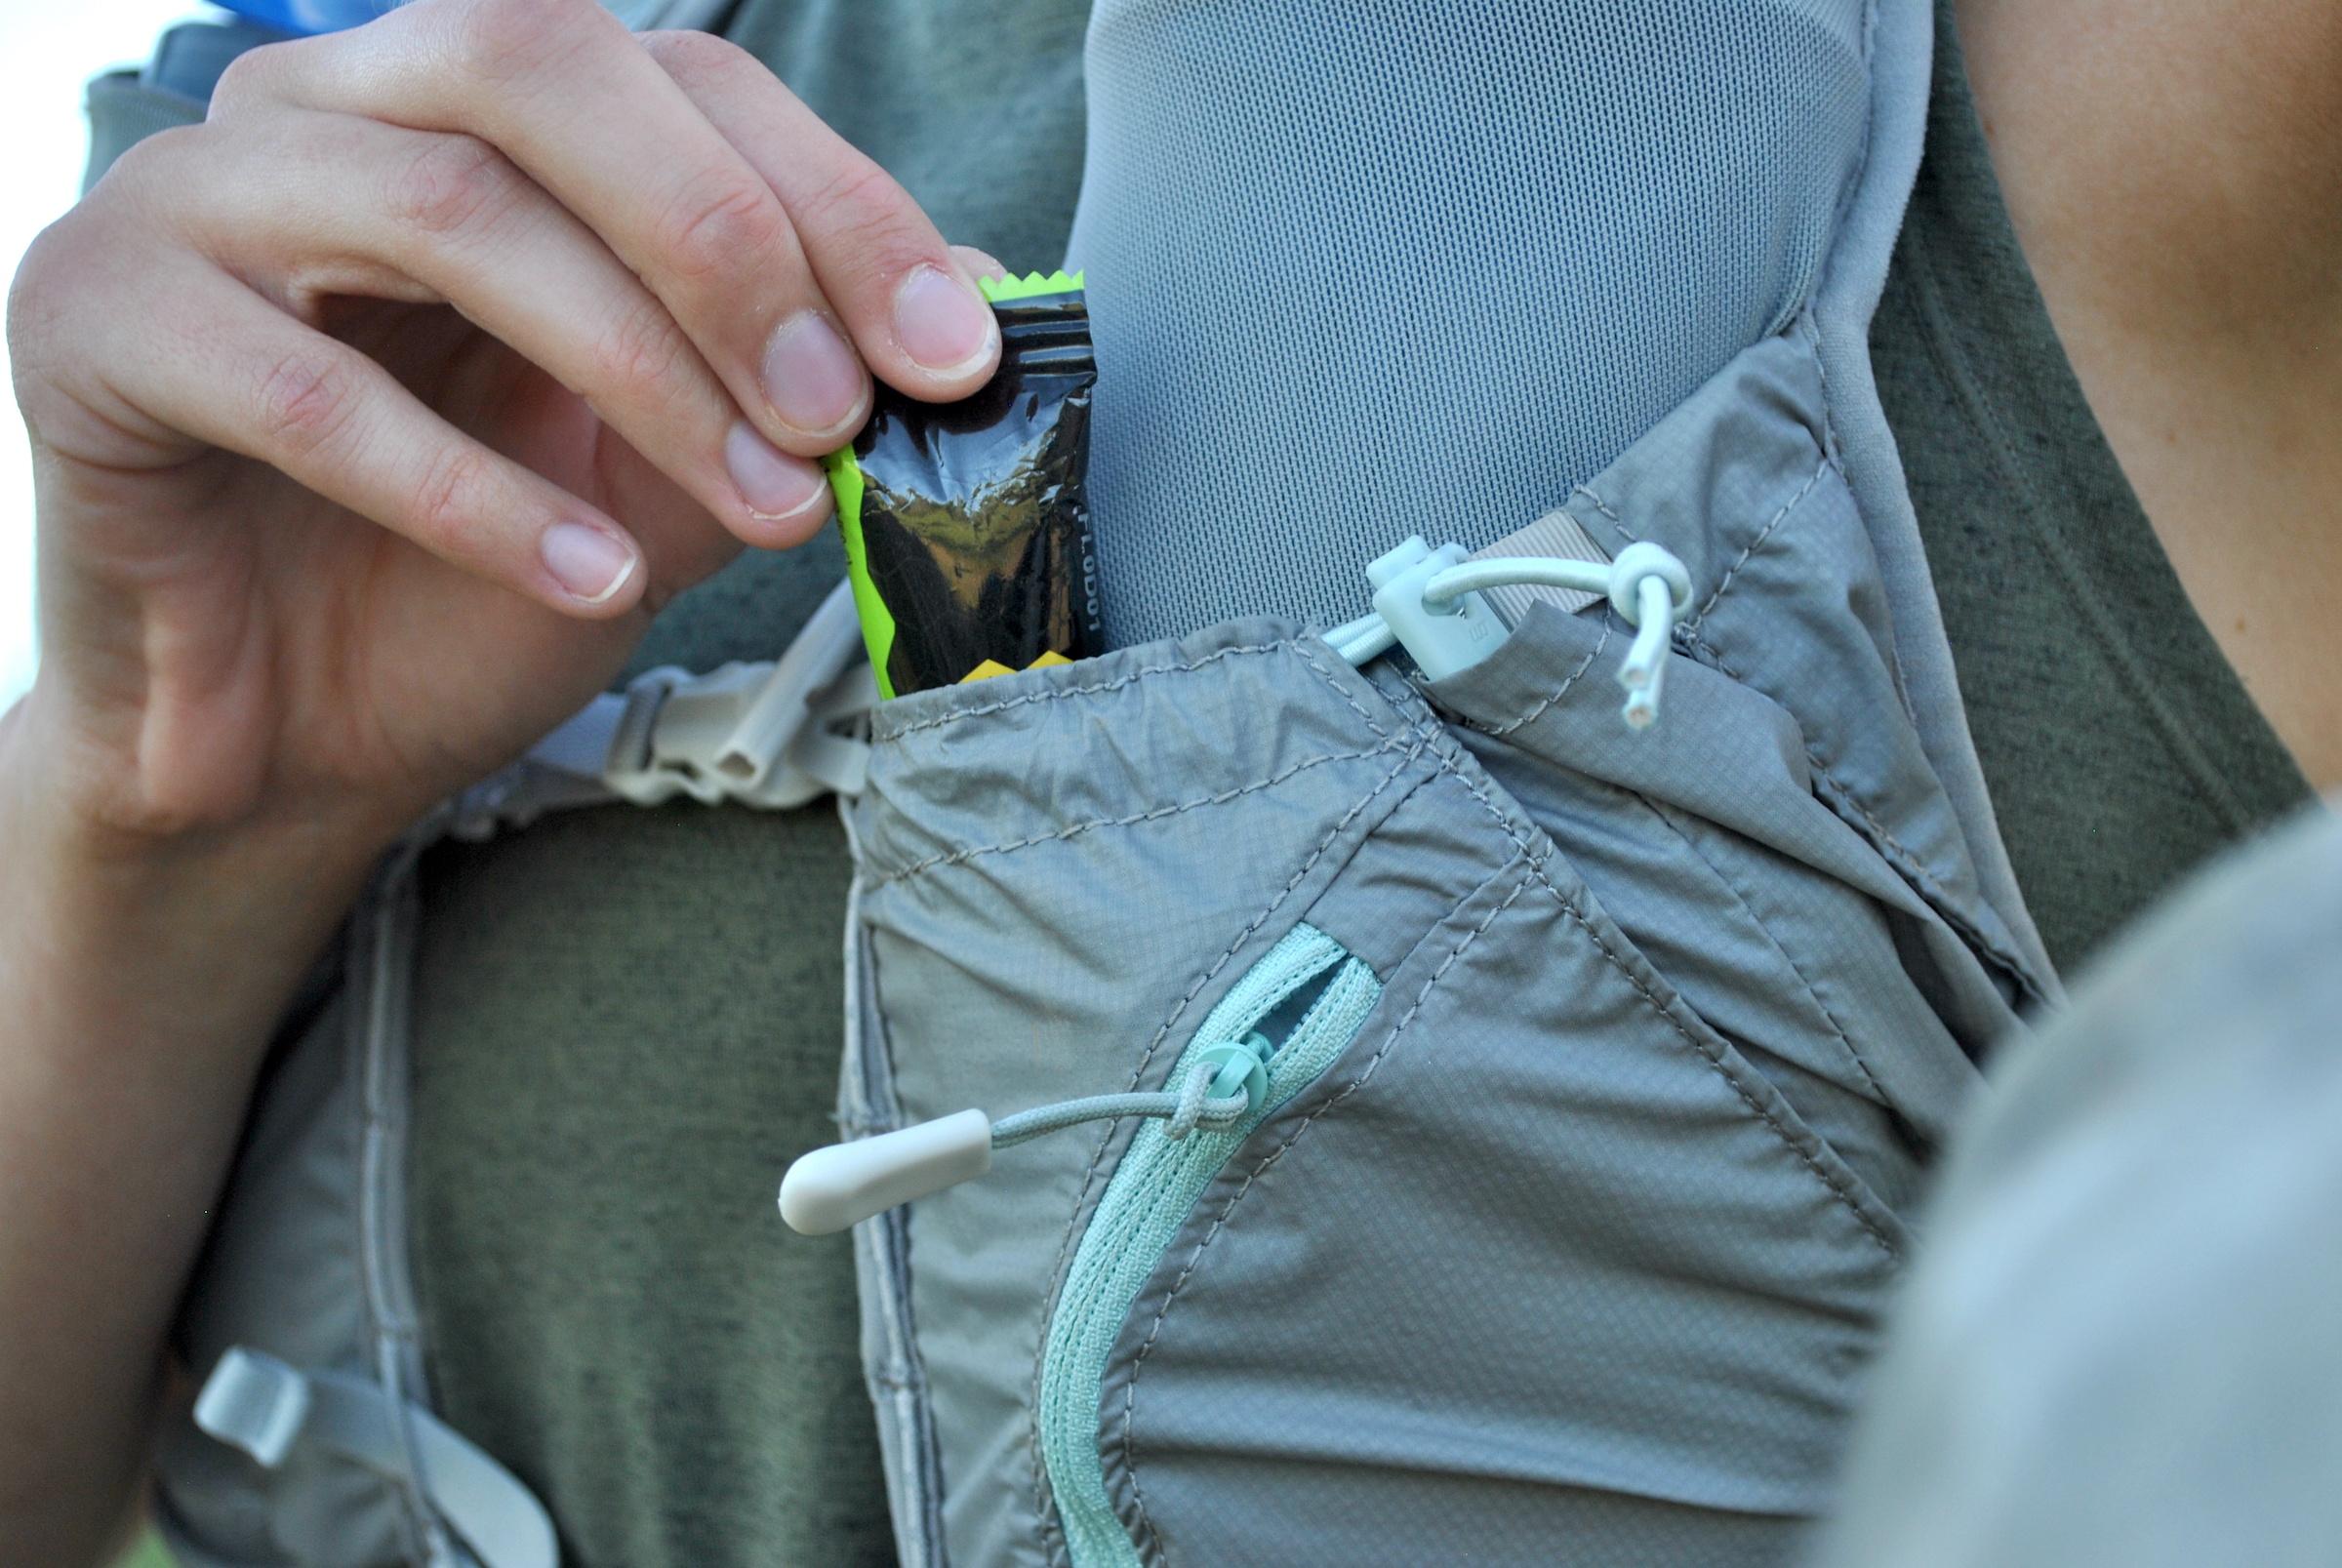 CamelBak Zephyr vest closeup pouch